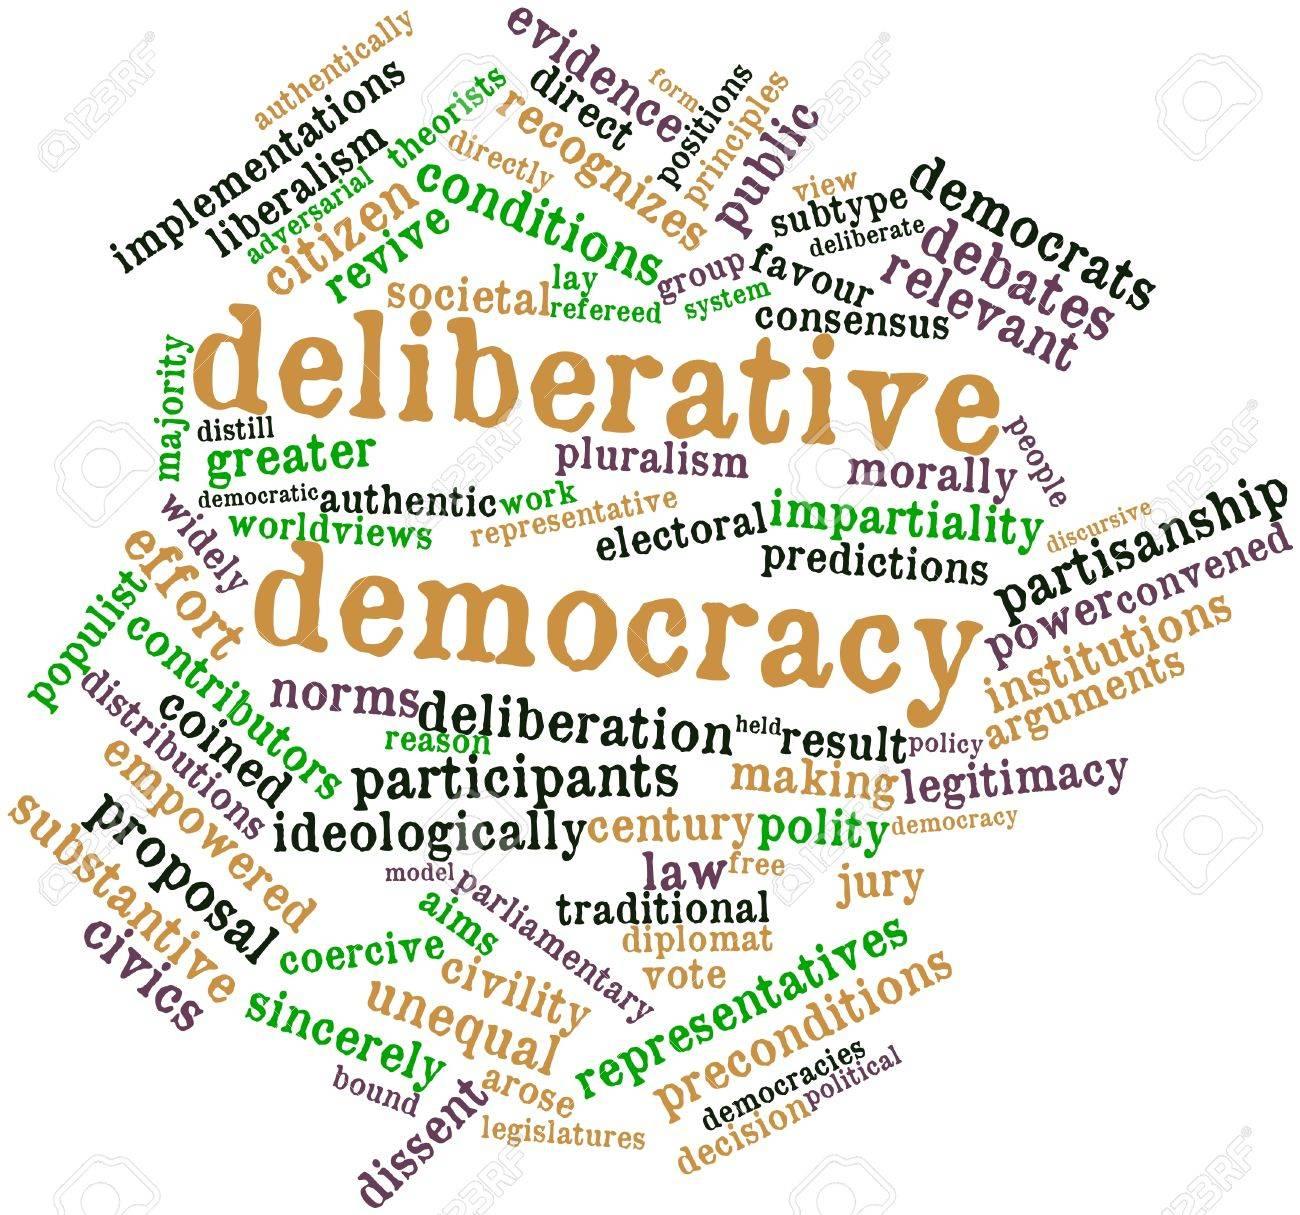 関連するタグと用語熟議民主主義の抽象的な単語大群 の写真素材・画像 ...